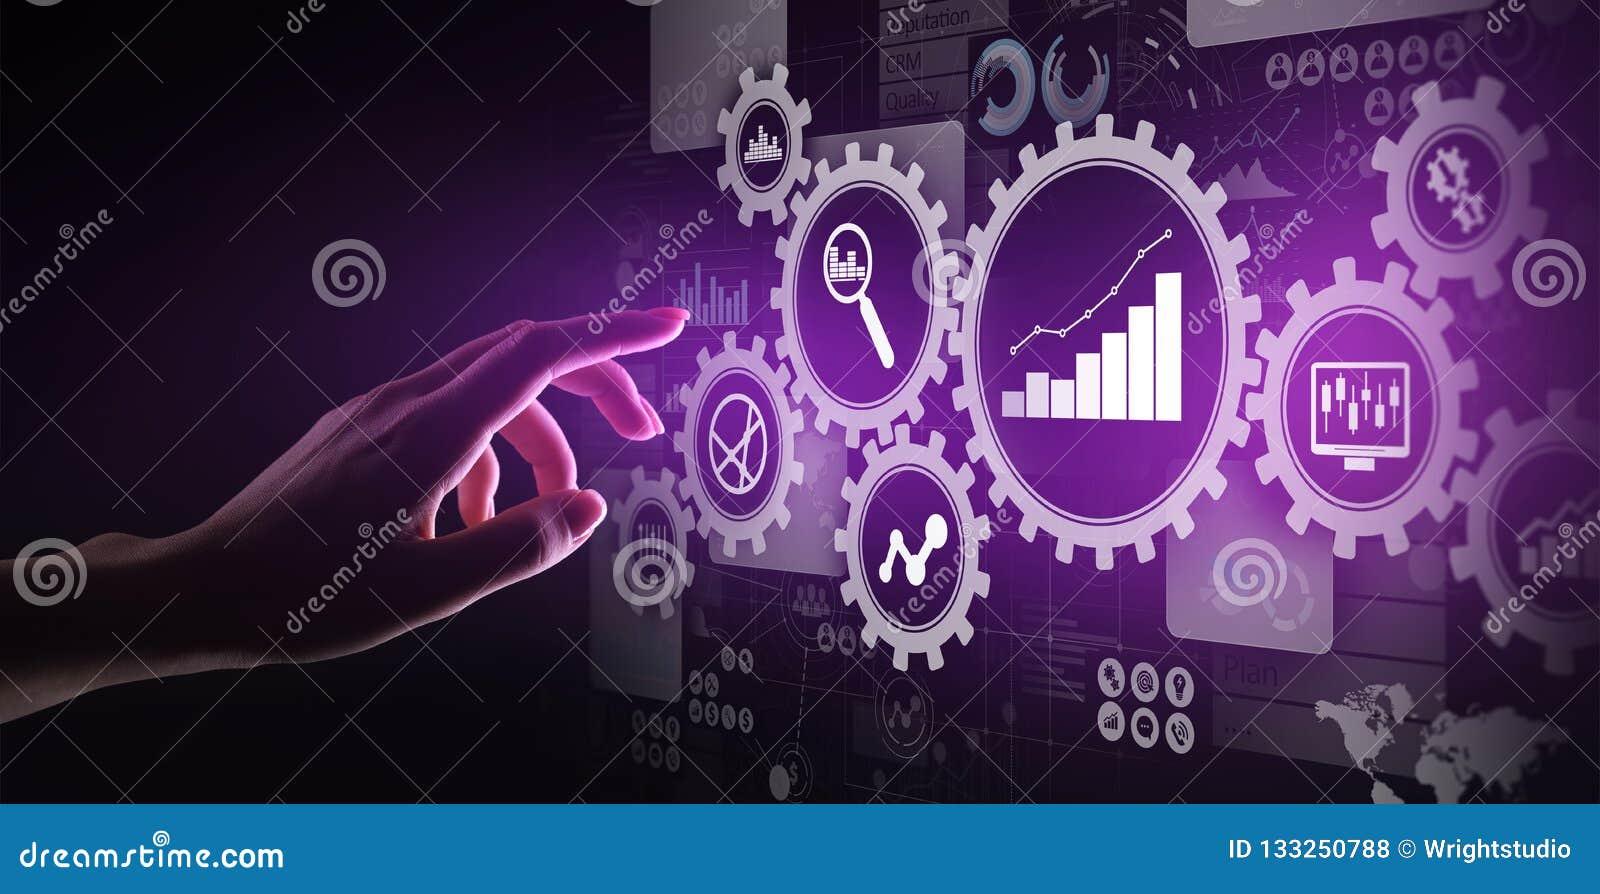 Analisi di Big Data, diagrammi di analisi dei dati di processo aziendale con gli ingranaggi ed icone sullo schermo virtuale